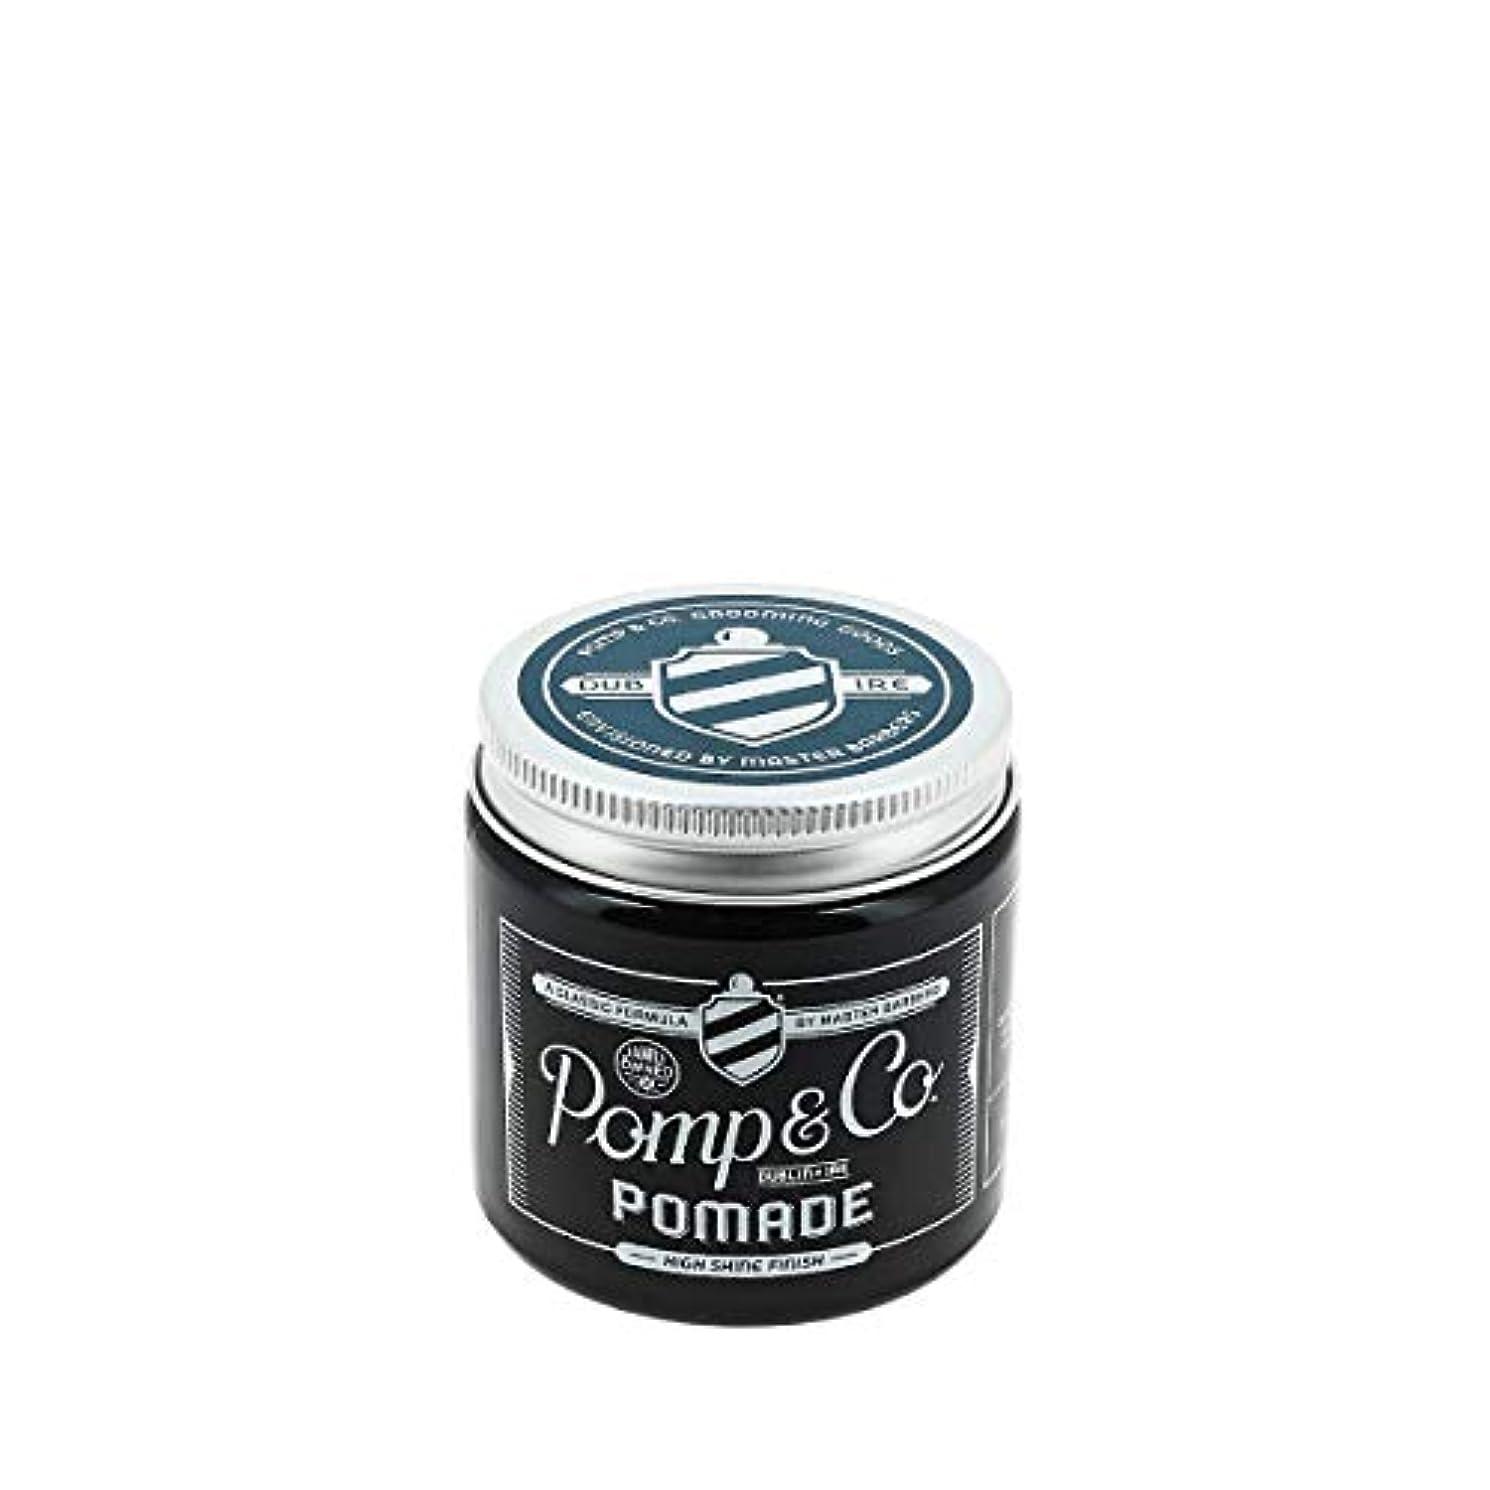 不足コットン初期のPomp & Co ポマード 120ml[海外直送品] [並行輸入品]